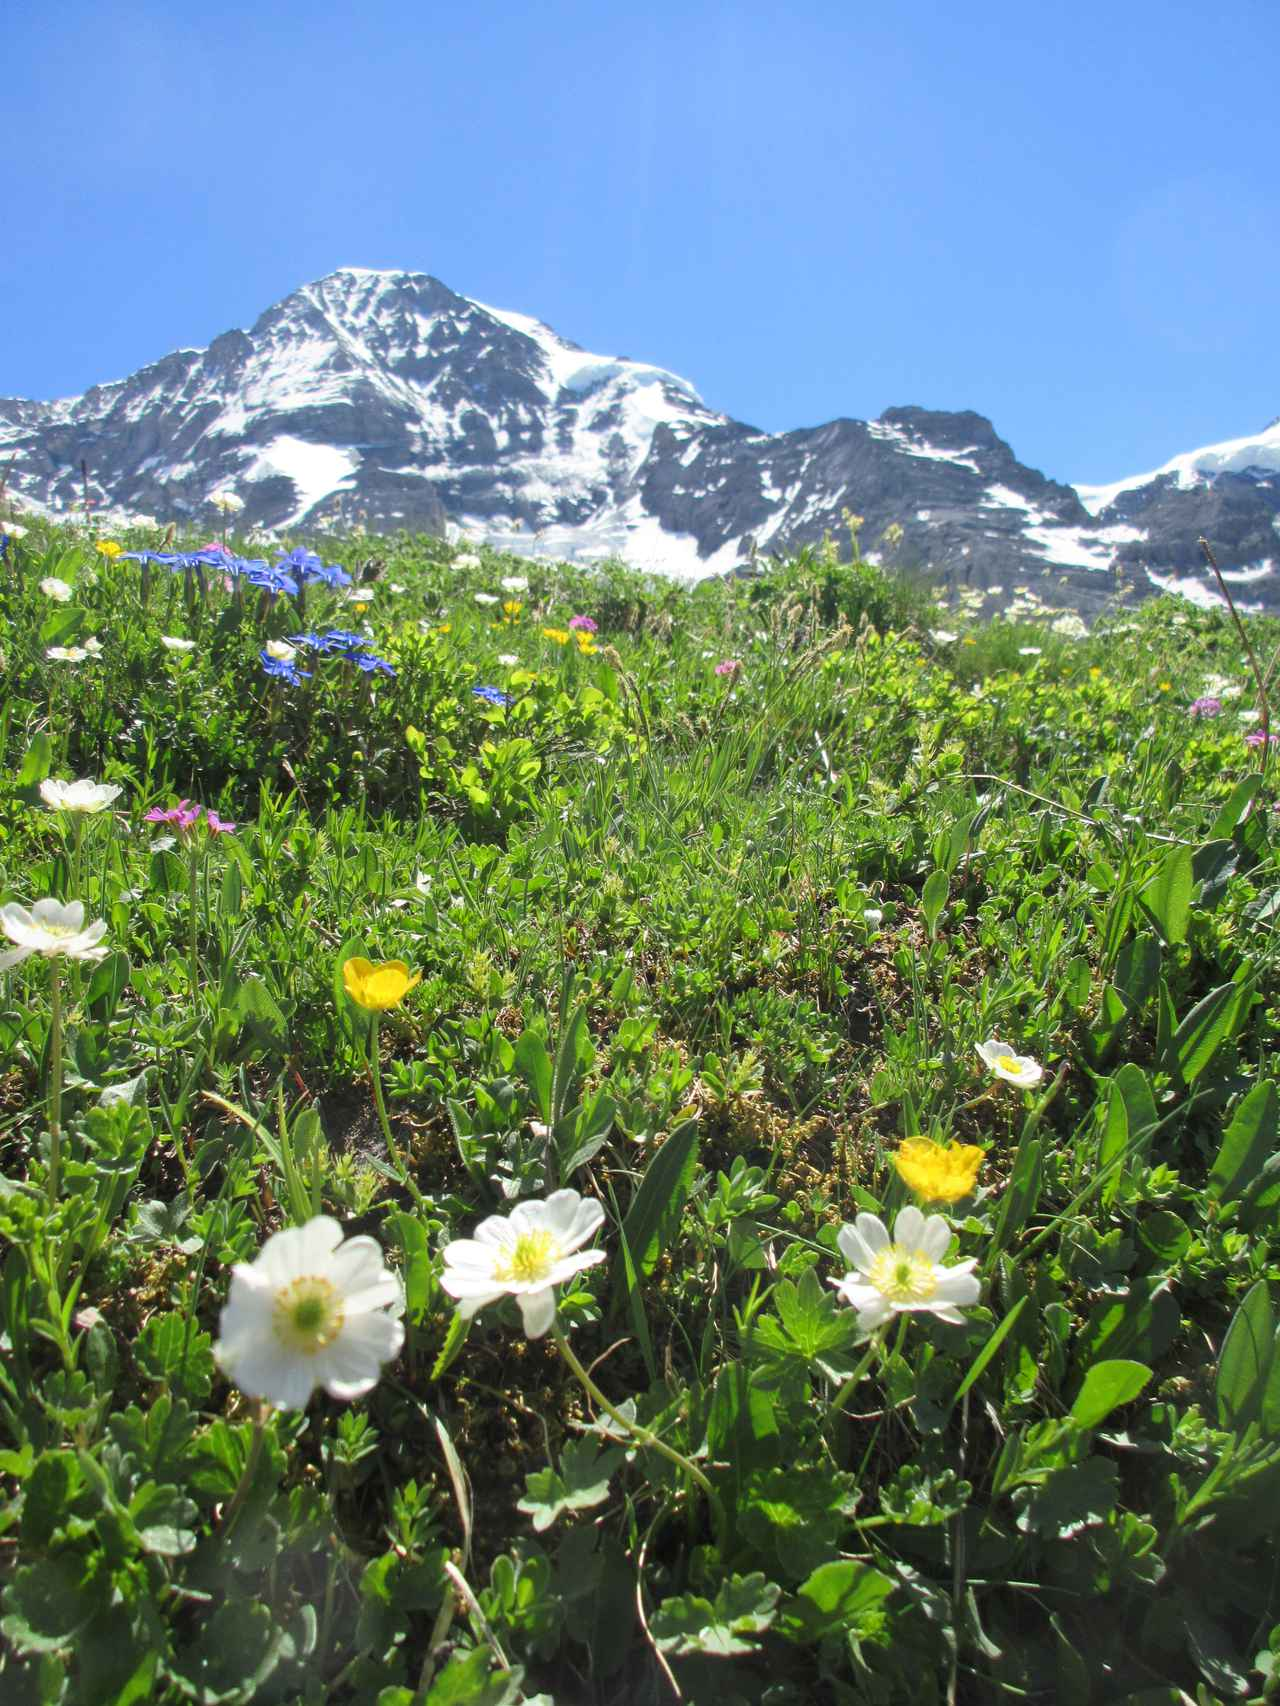 画像: 山を背景にお花畑を撮るのも素敵です!!(弊社スタッフ撮影※諸条件によりご覧いただけない場合があります)